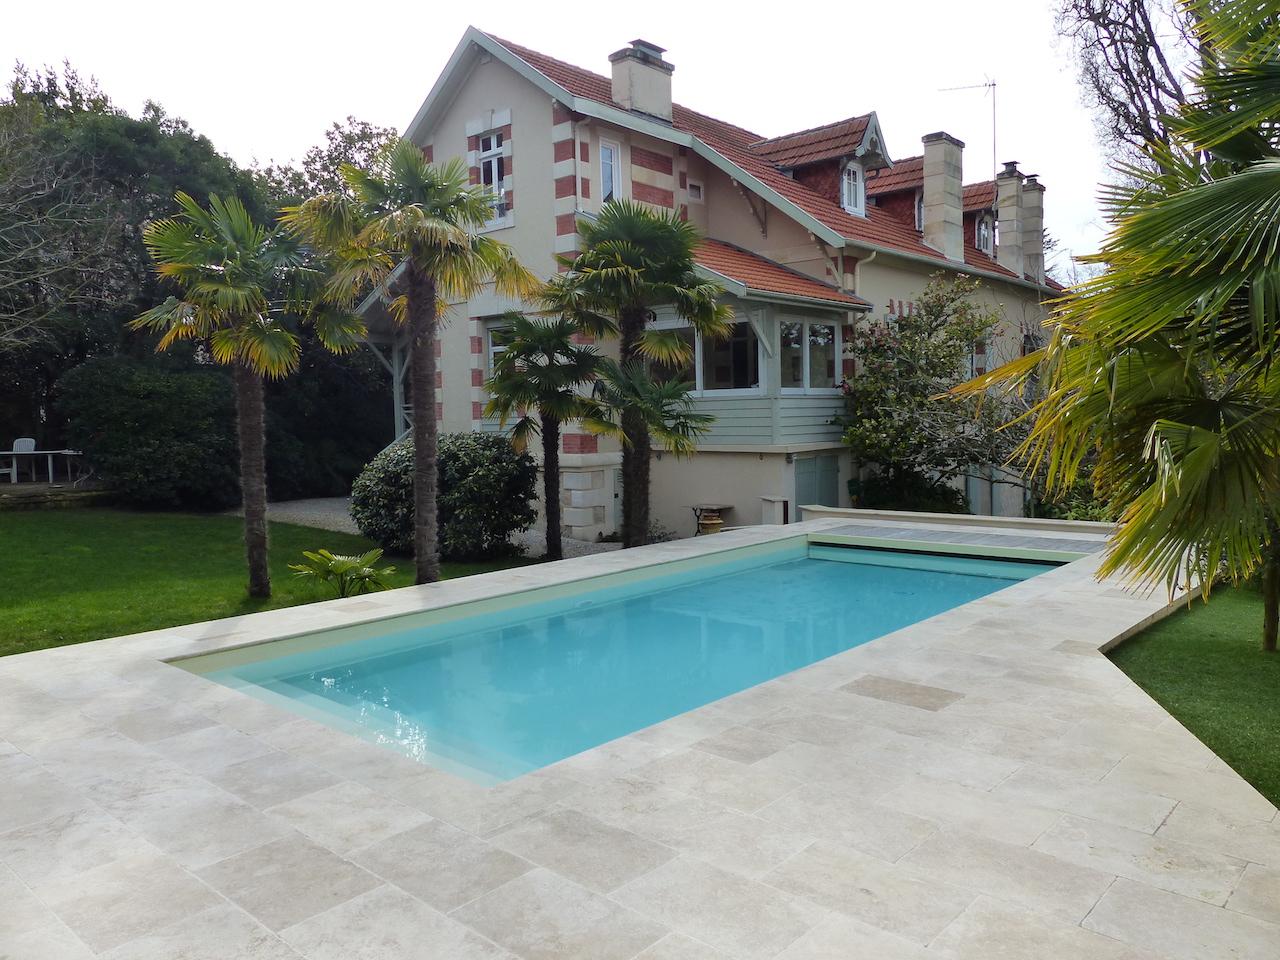 Ville d 39 hiver arcachon somptueuse demeure avec piscine for Piscine bassin d arcachon